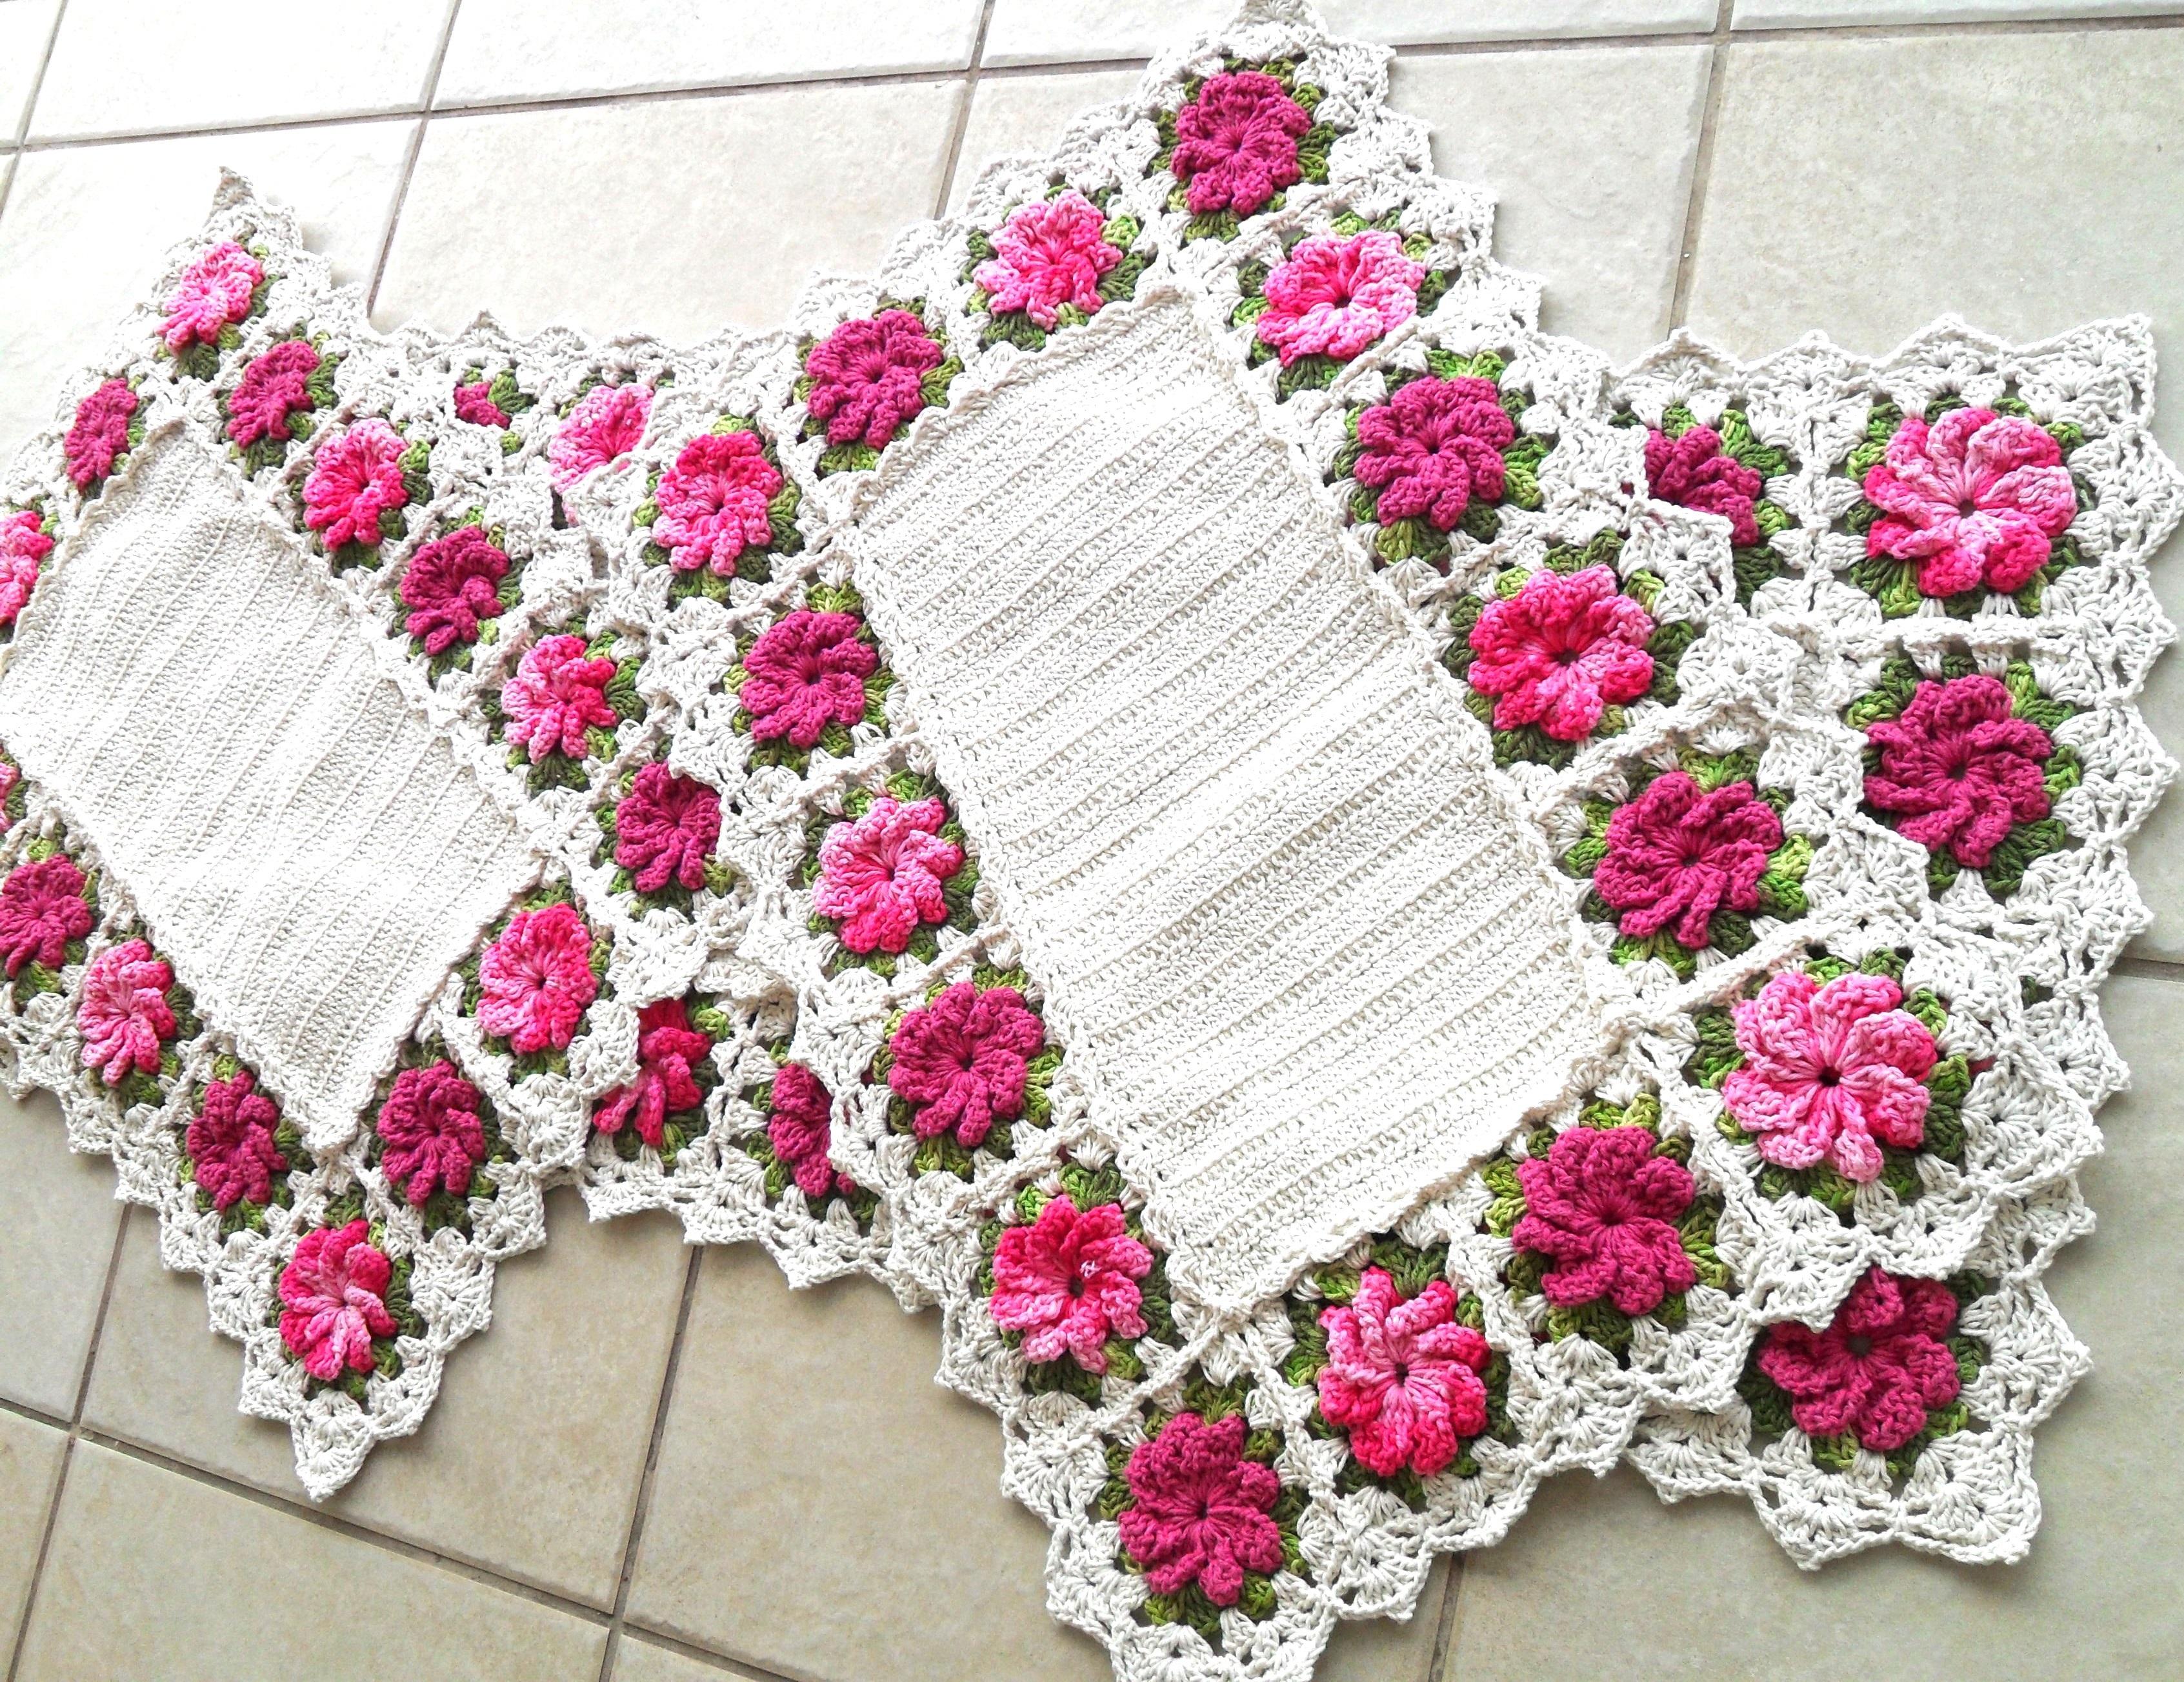 Jogo de cozinha com flores atelier quel c rtes elo7 for Rosa tapete